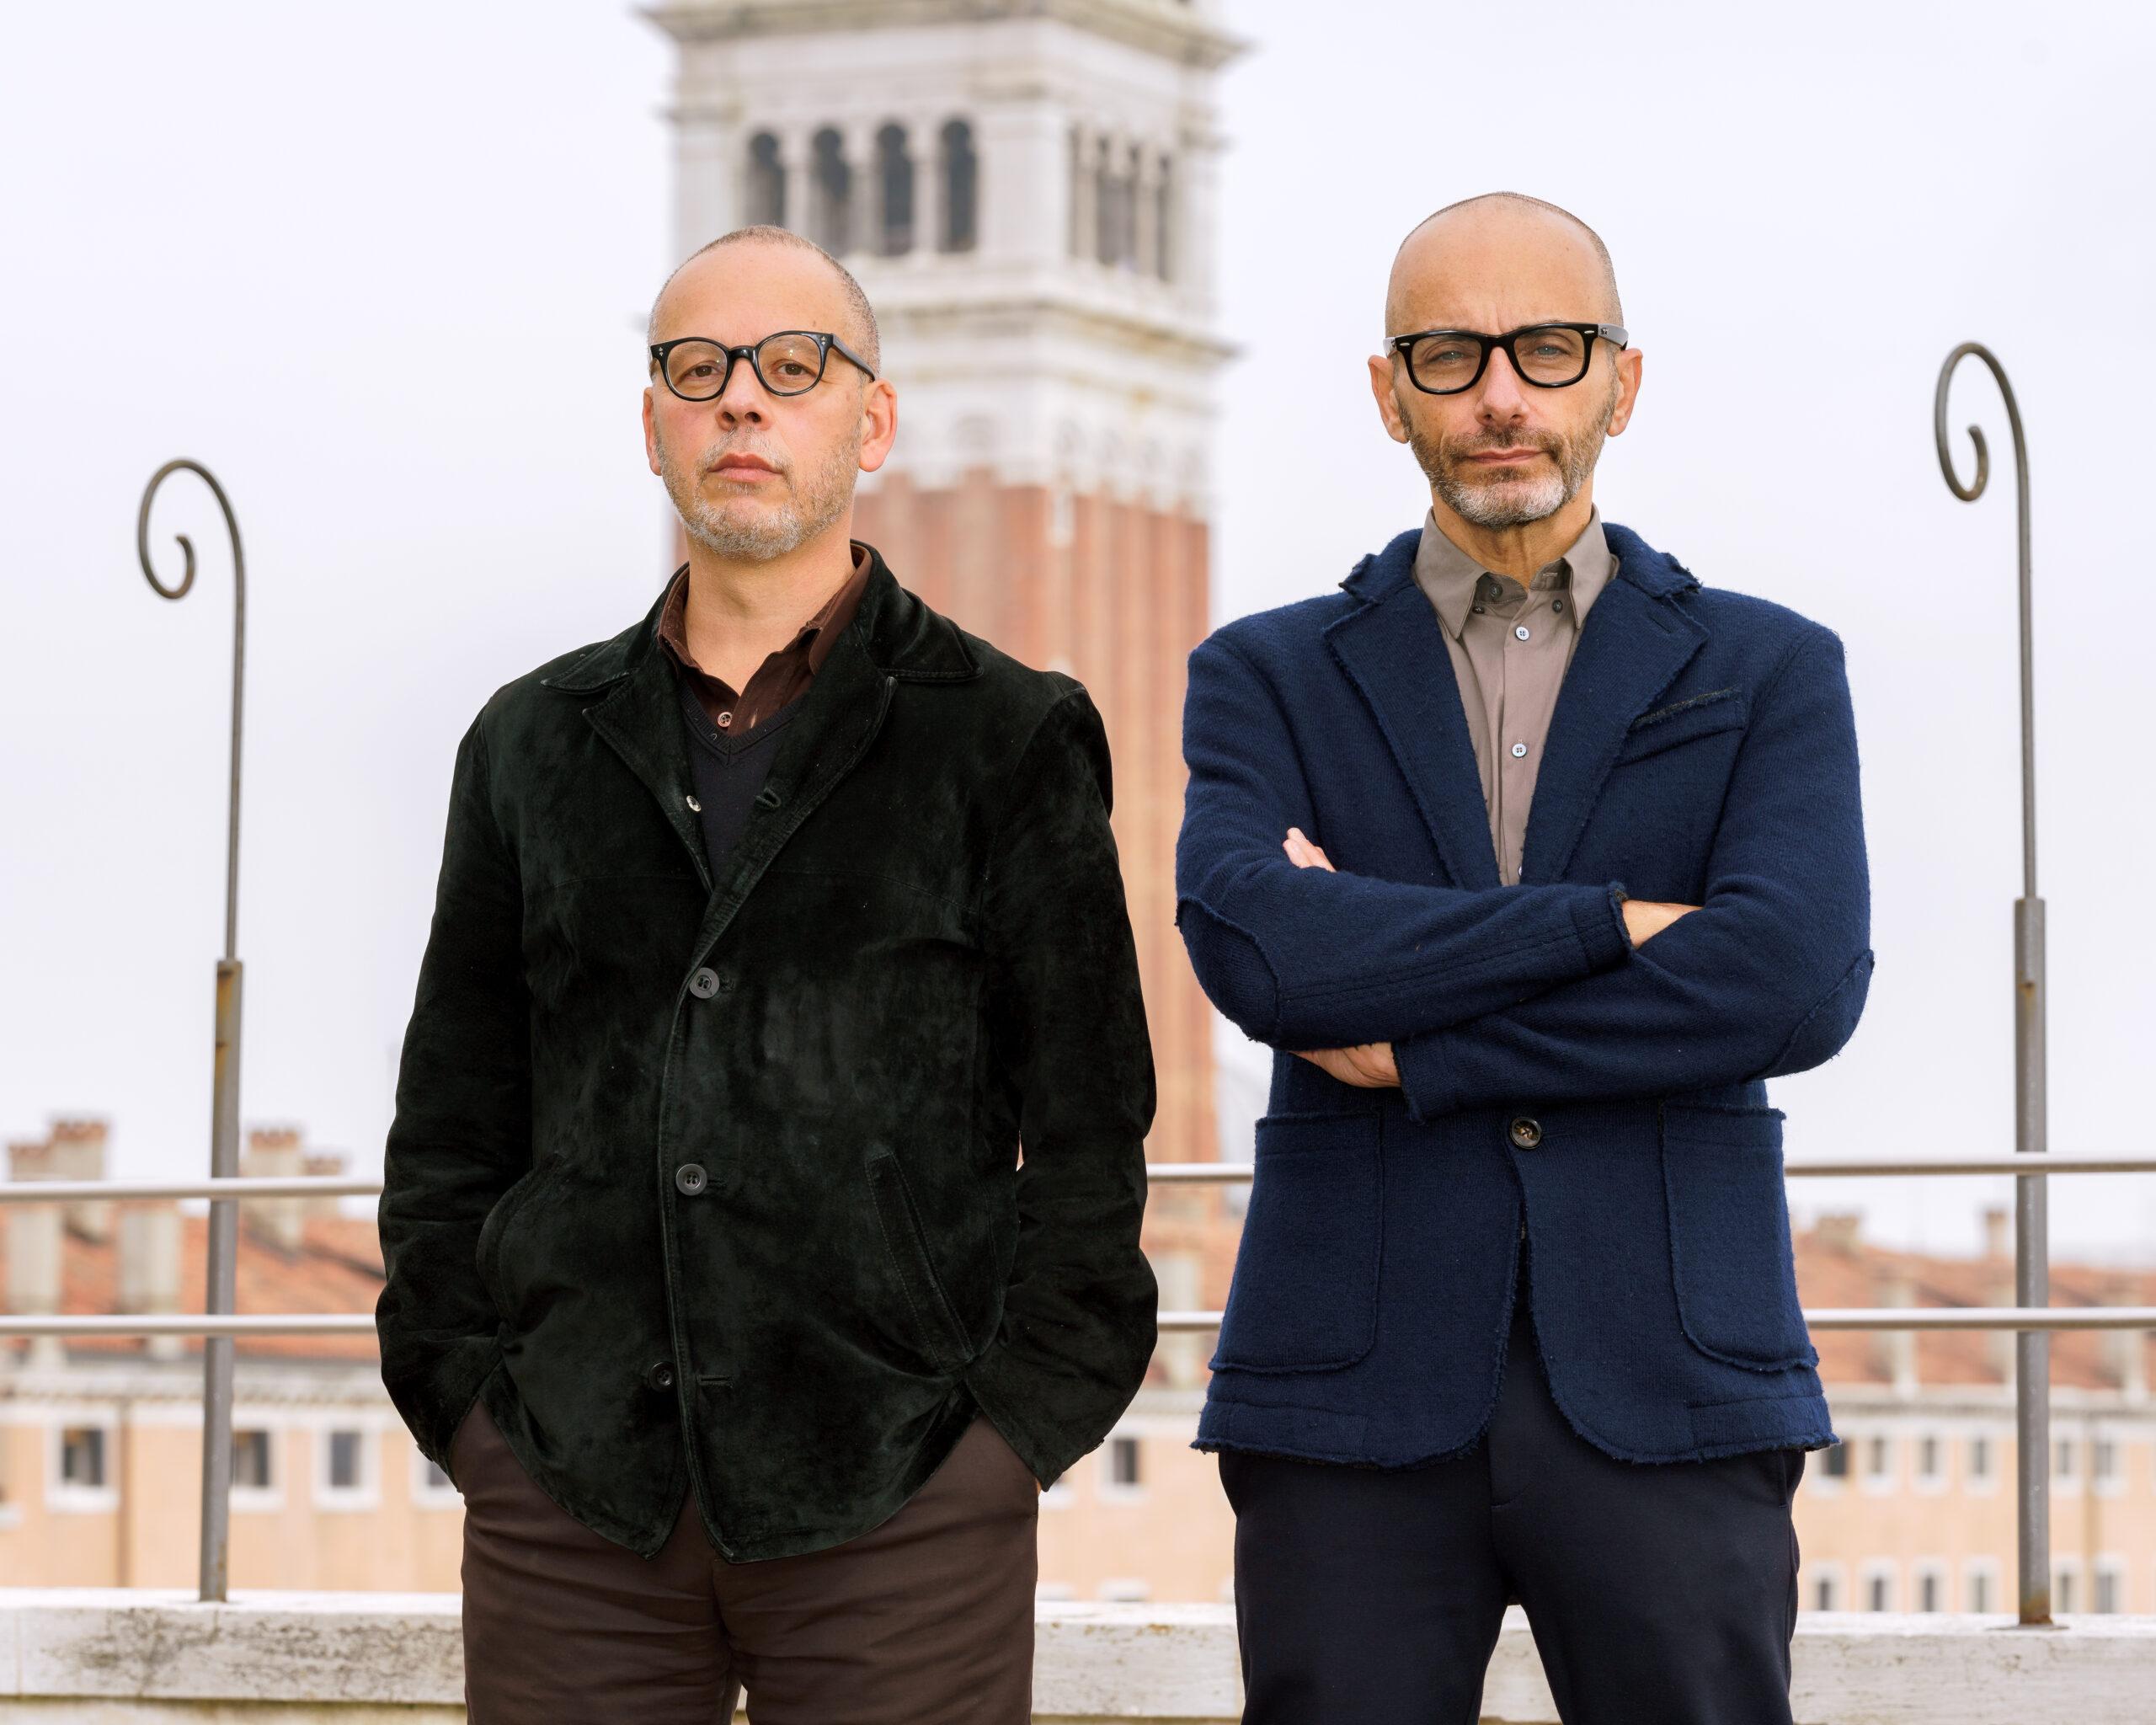 Biennale Teatro 2021 - Gianni Forte e Stefano Ricci, Direttori del settore Teatro / ©Andrea Avezzù